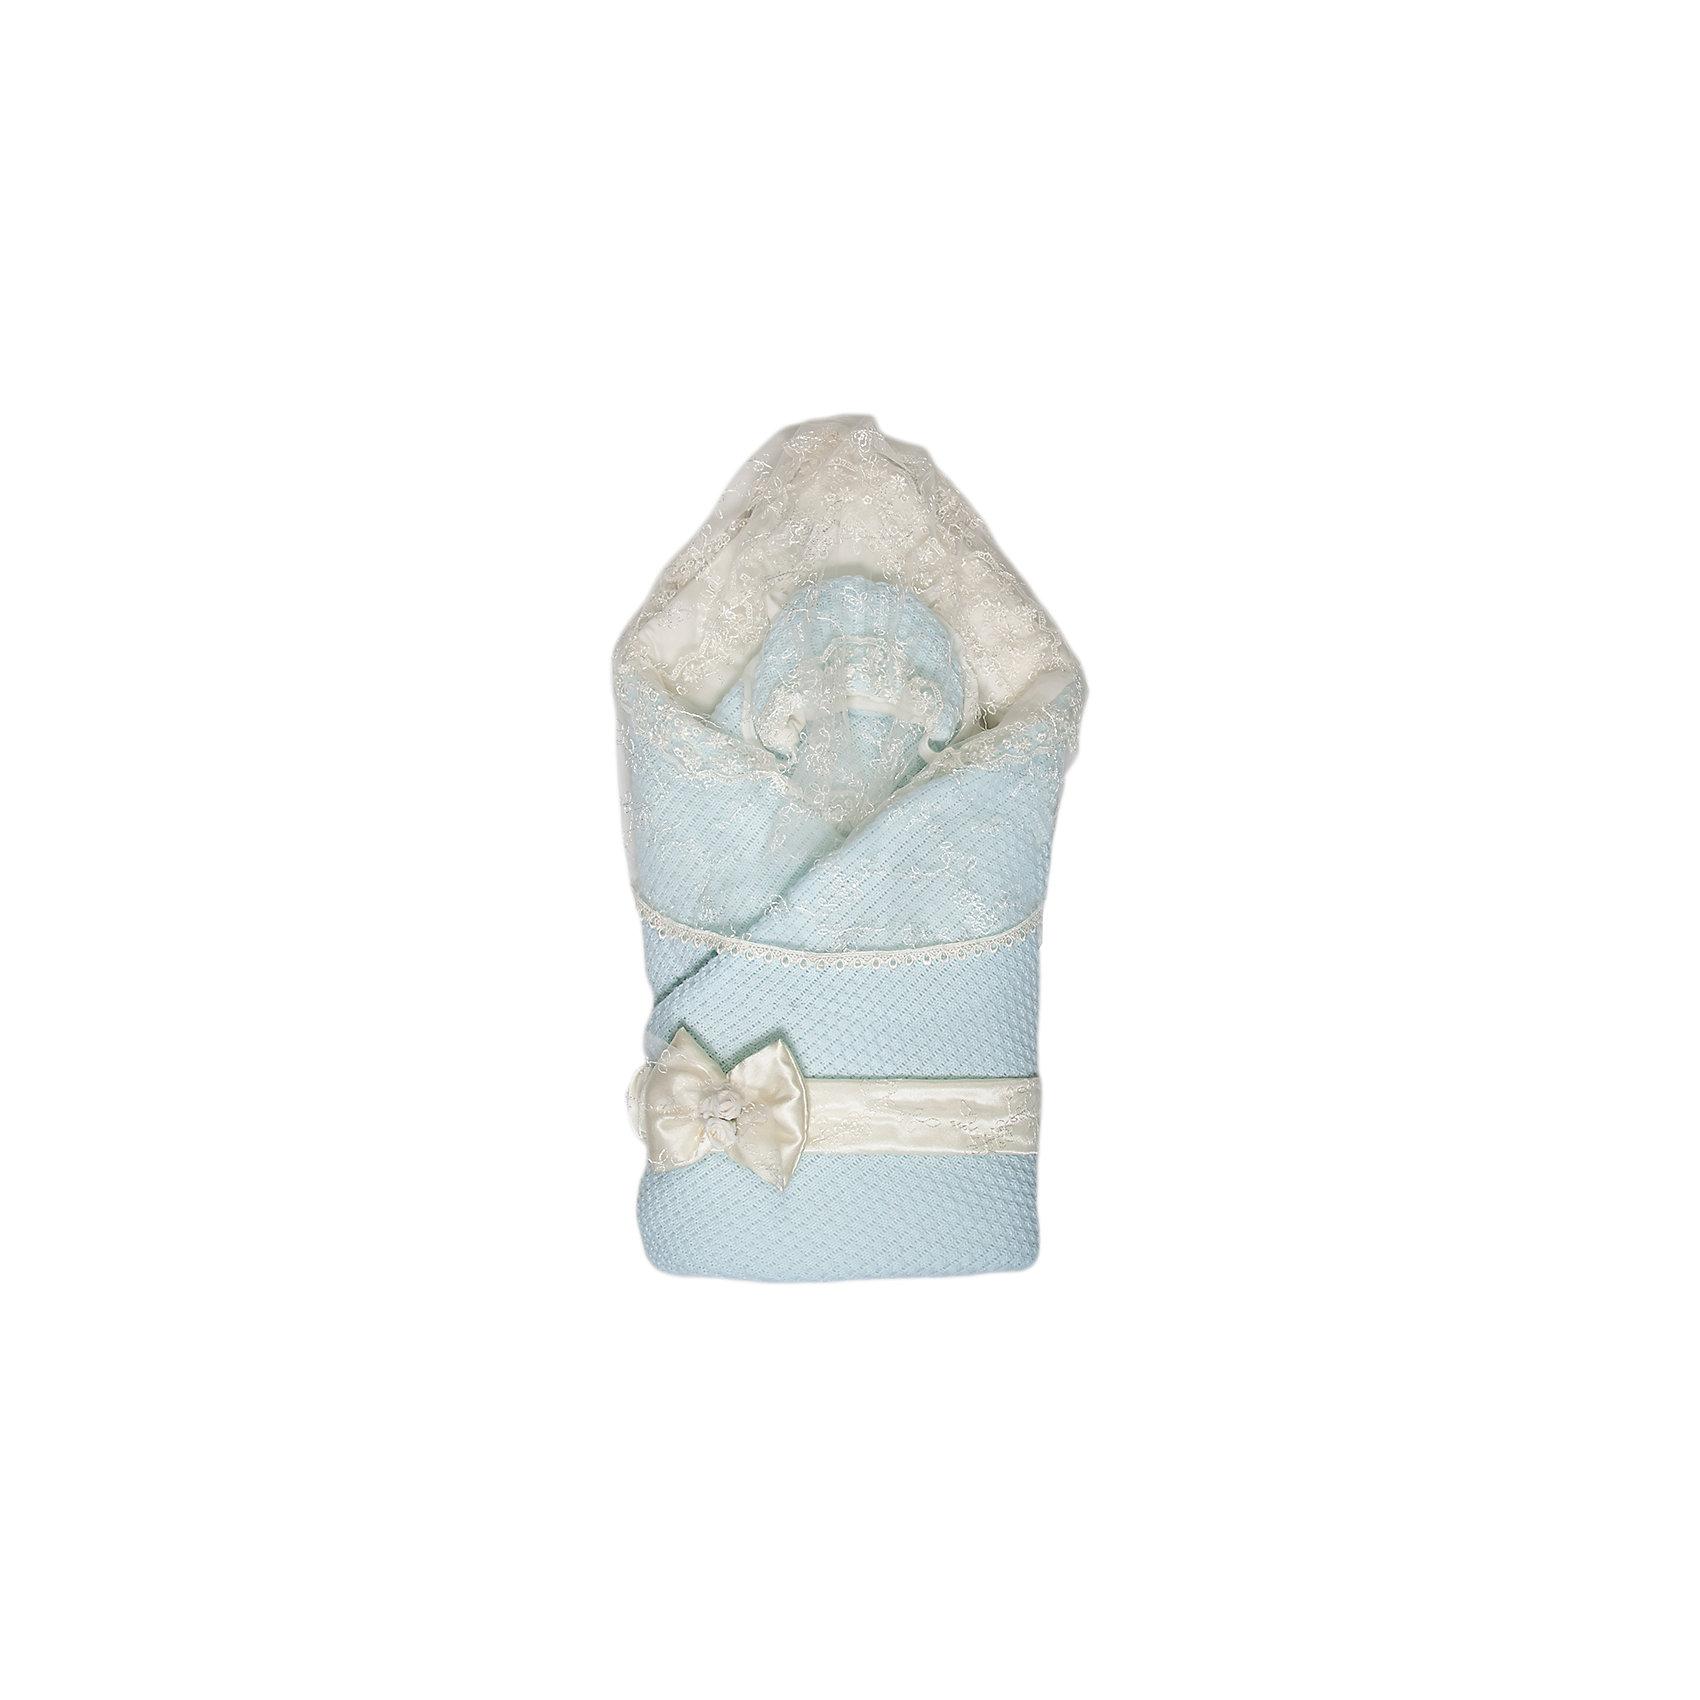 Сонный гномик Конверт-одеяло Жемчужинка, Сонный гномик, голубой